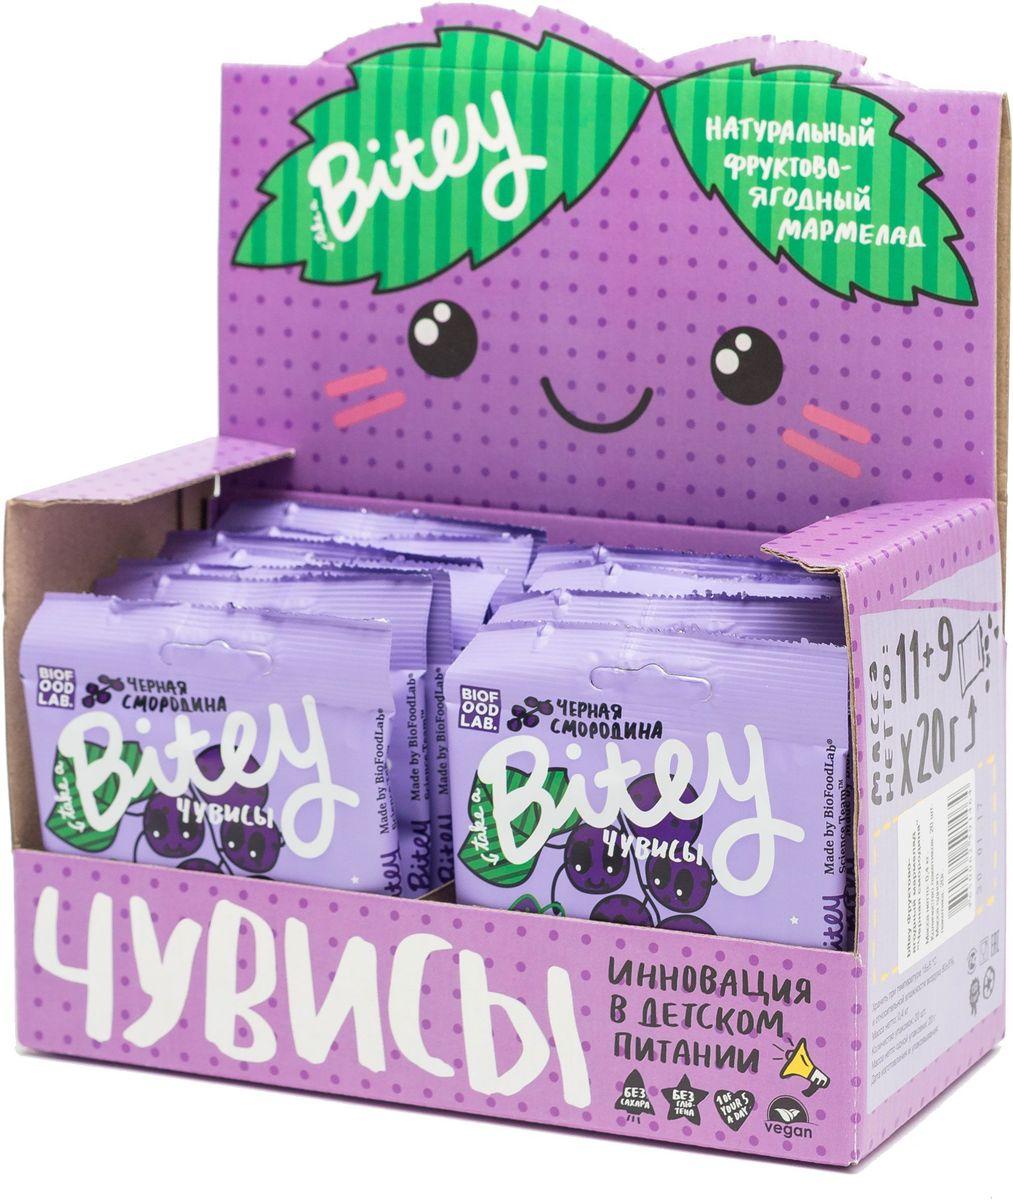 Take A Bitey чувисы черная смородина мармелад, 20 шт по 20 г0120710Чувисы Bitey — абсолютно натуральный жевательный мармелад, разработанный специально для детей.В составе нет консервантов, сои, молока, глютена, добавленного сахара, ГМО, желатина. В составе жевательного мармелада используется пектин.Пектин – абсолютно натуральный ингредиент, который получают из яблок. Пектин является естественным очистителем организма от шлаков, благодаря его обволакивающим и вяжущим свойствам он благоприятно сказывается на состоянии слизистой оболочки желудочно-кишечного тракта.